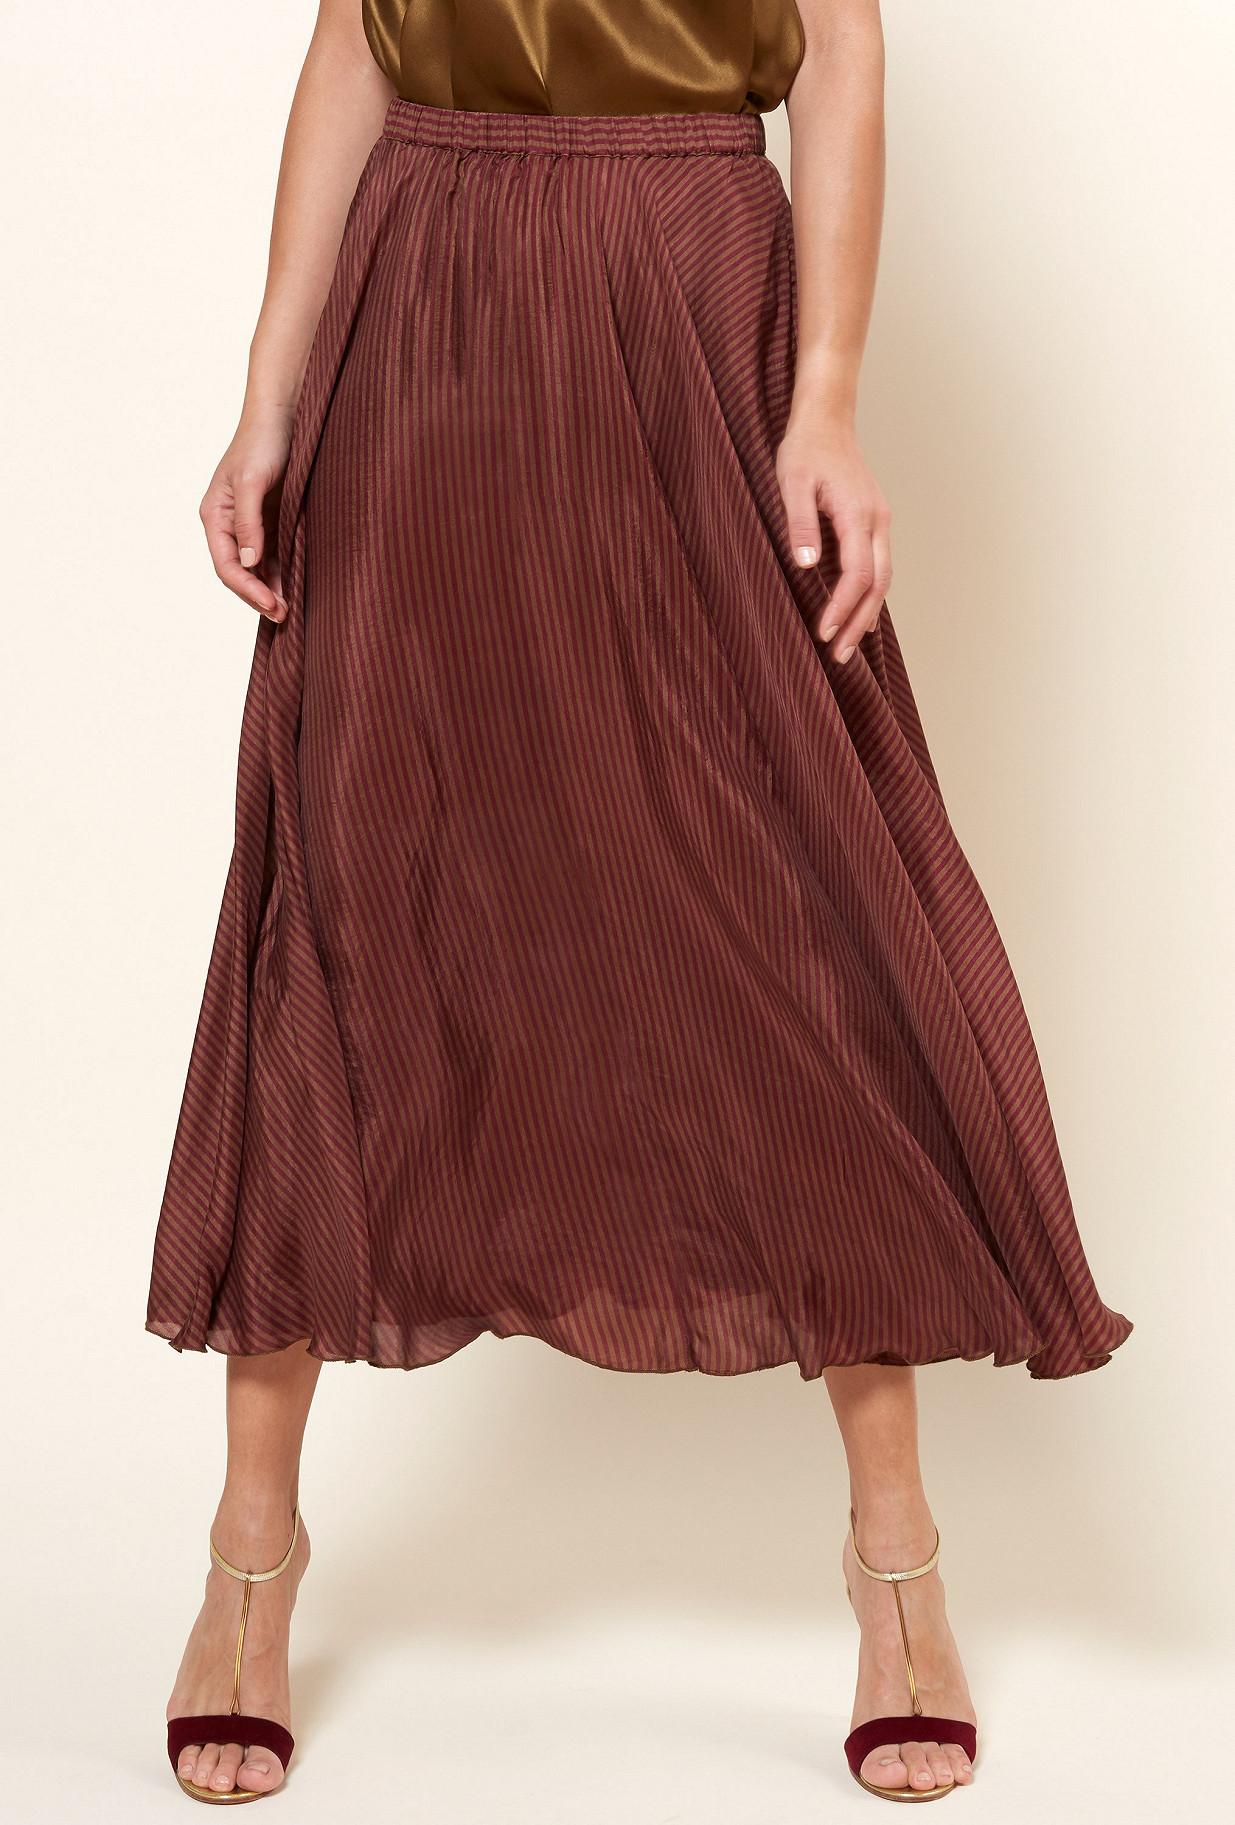 Red stripe  Skirt  Penelope Mes demoiselles fashion clothes designer Paris